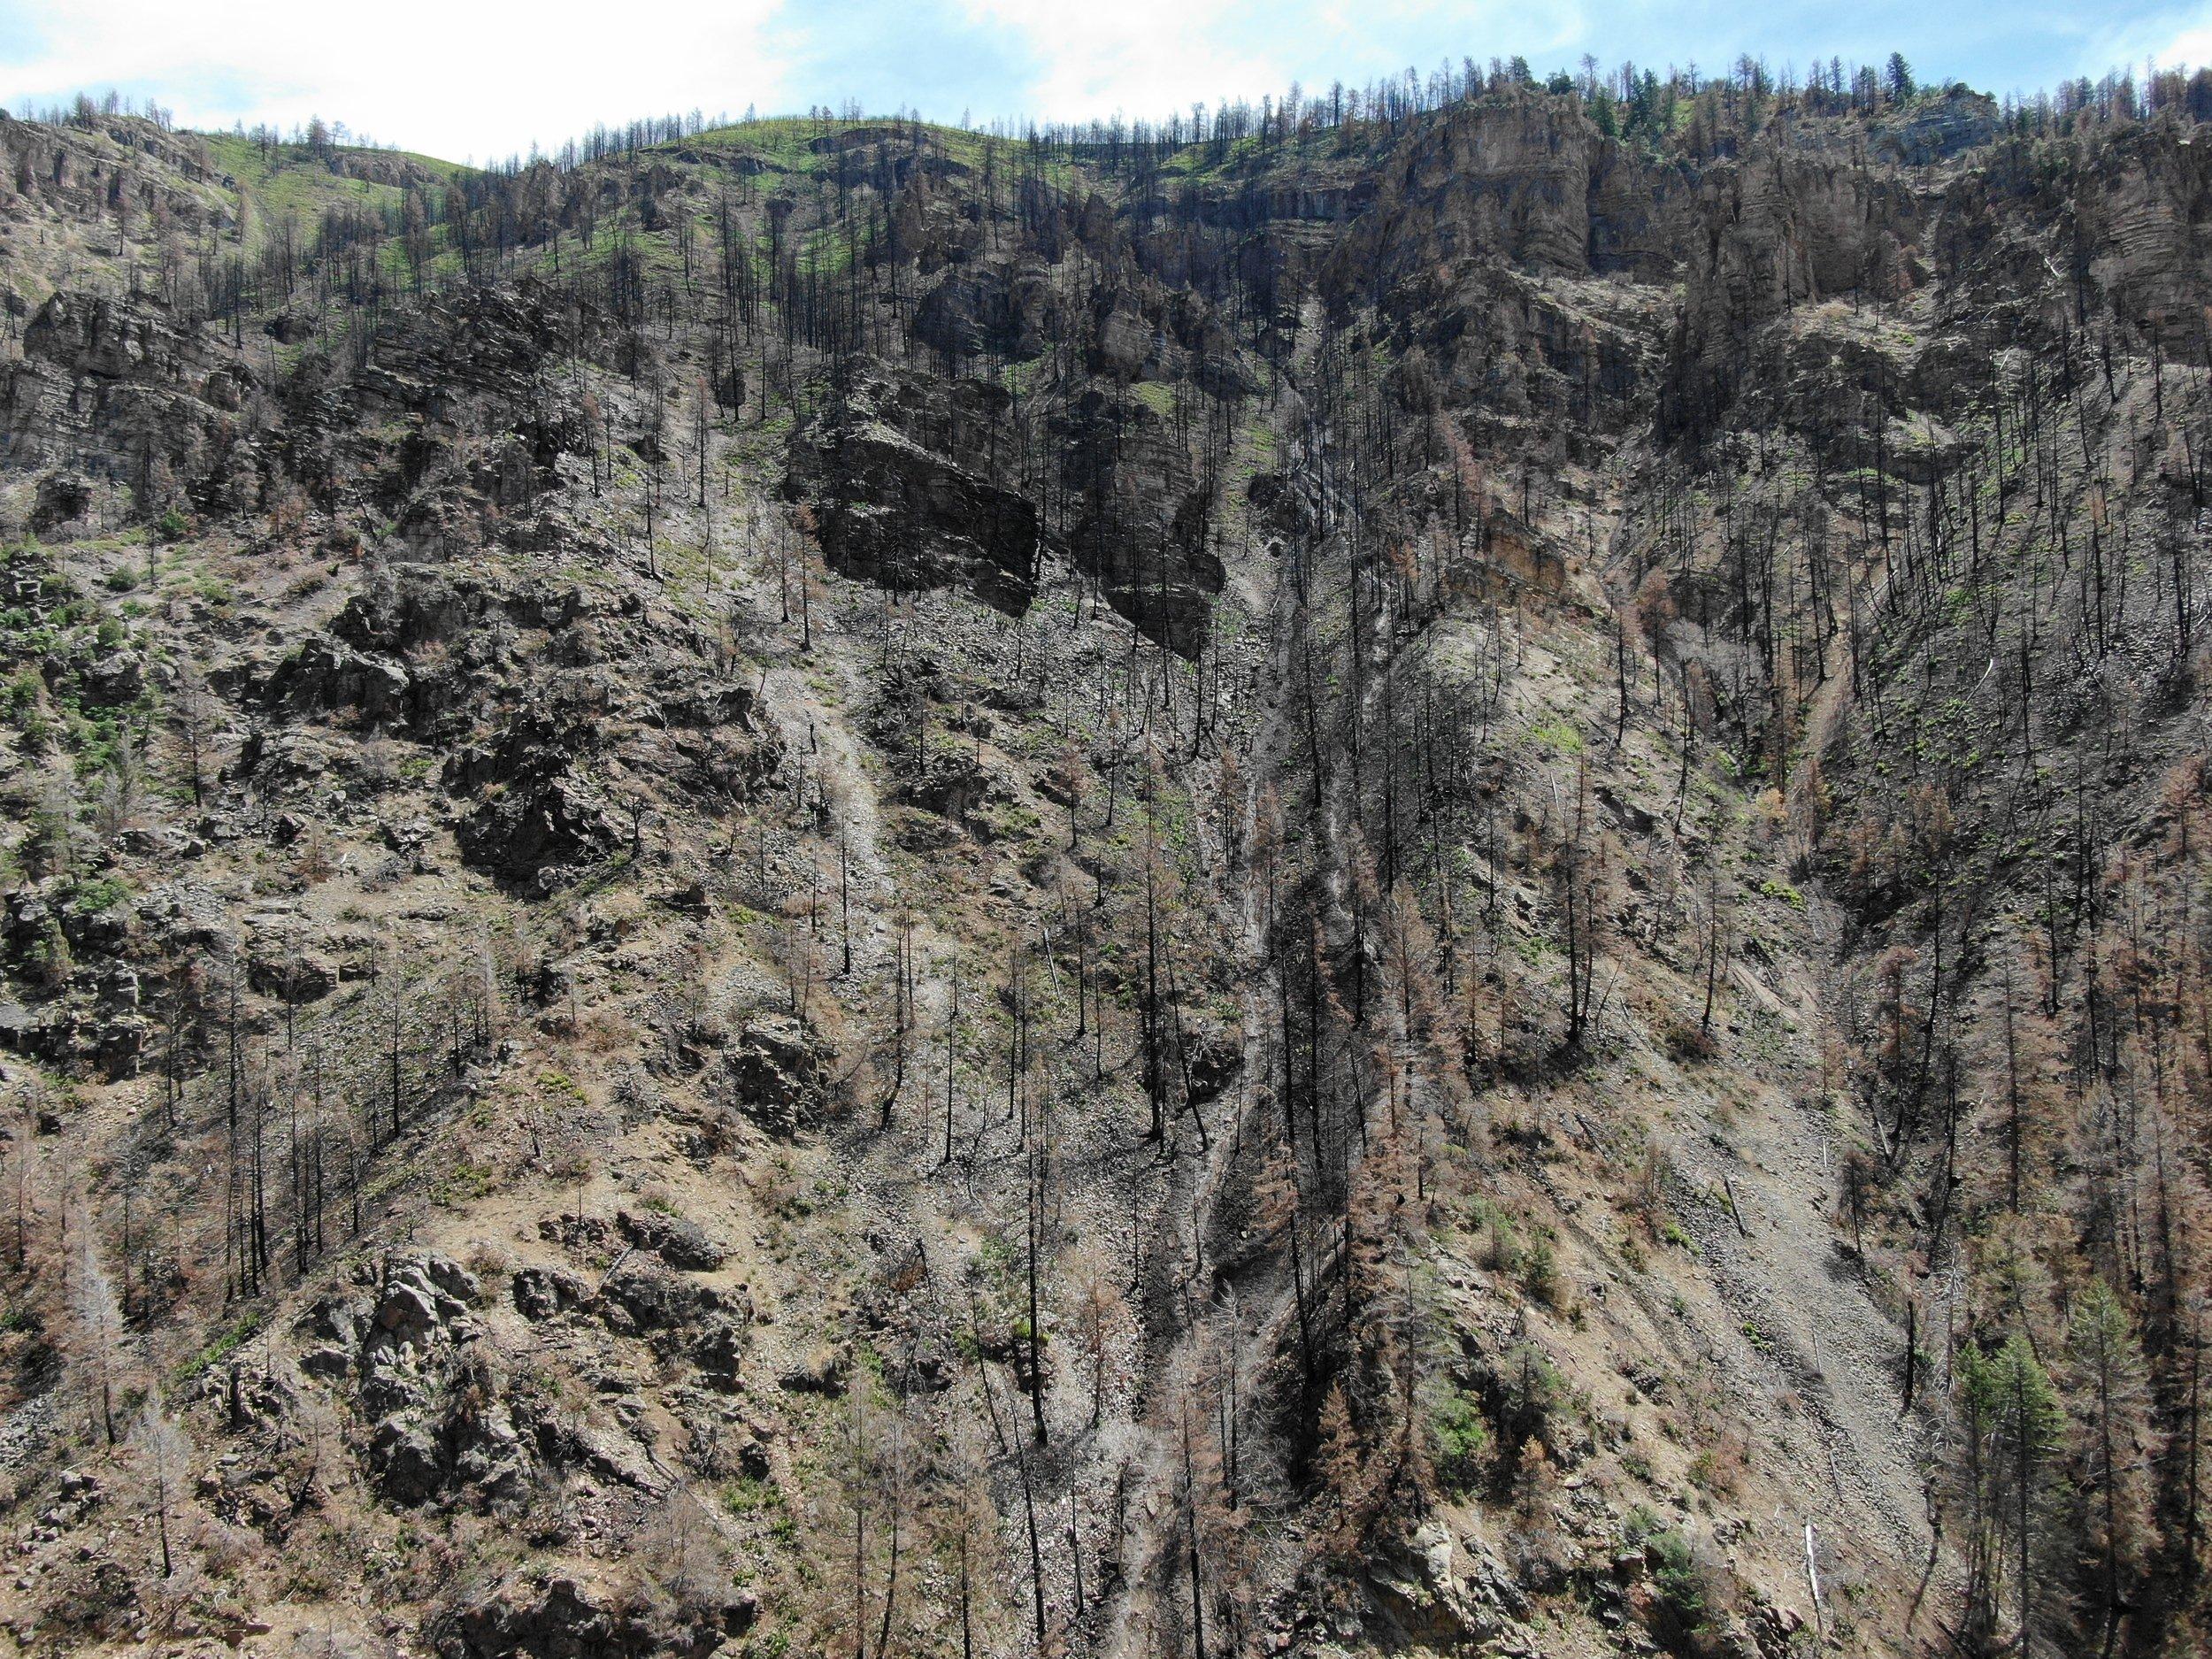 Mudslides impact water quality thumbnail